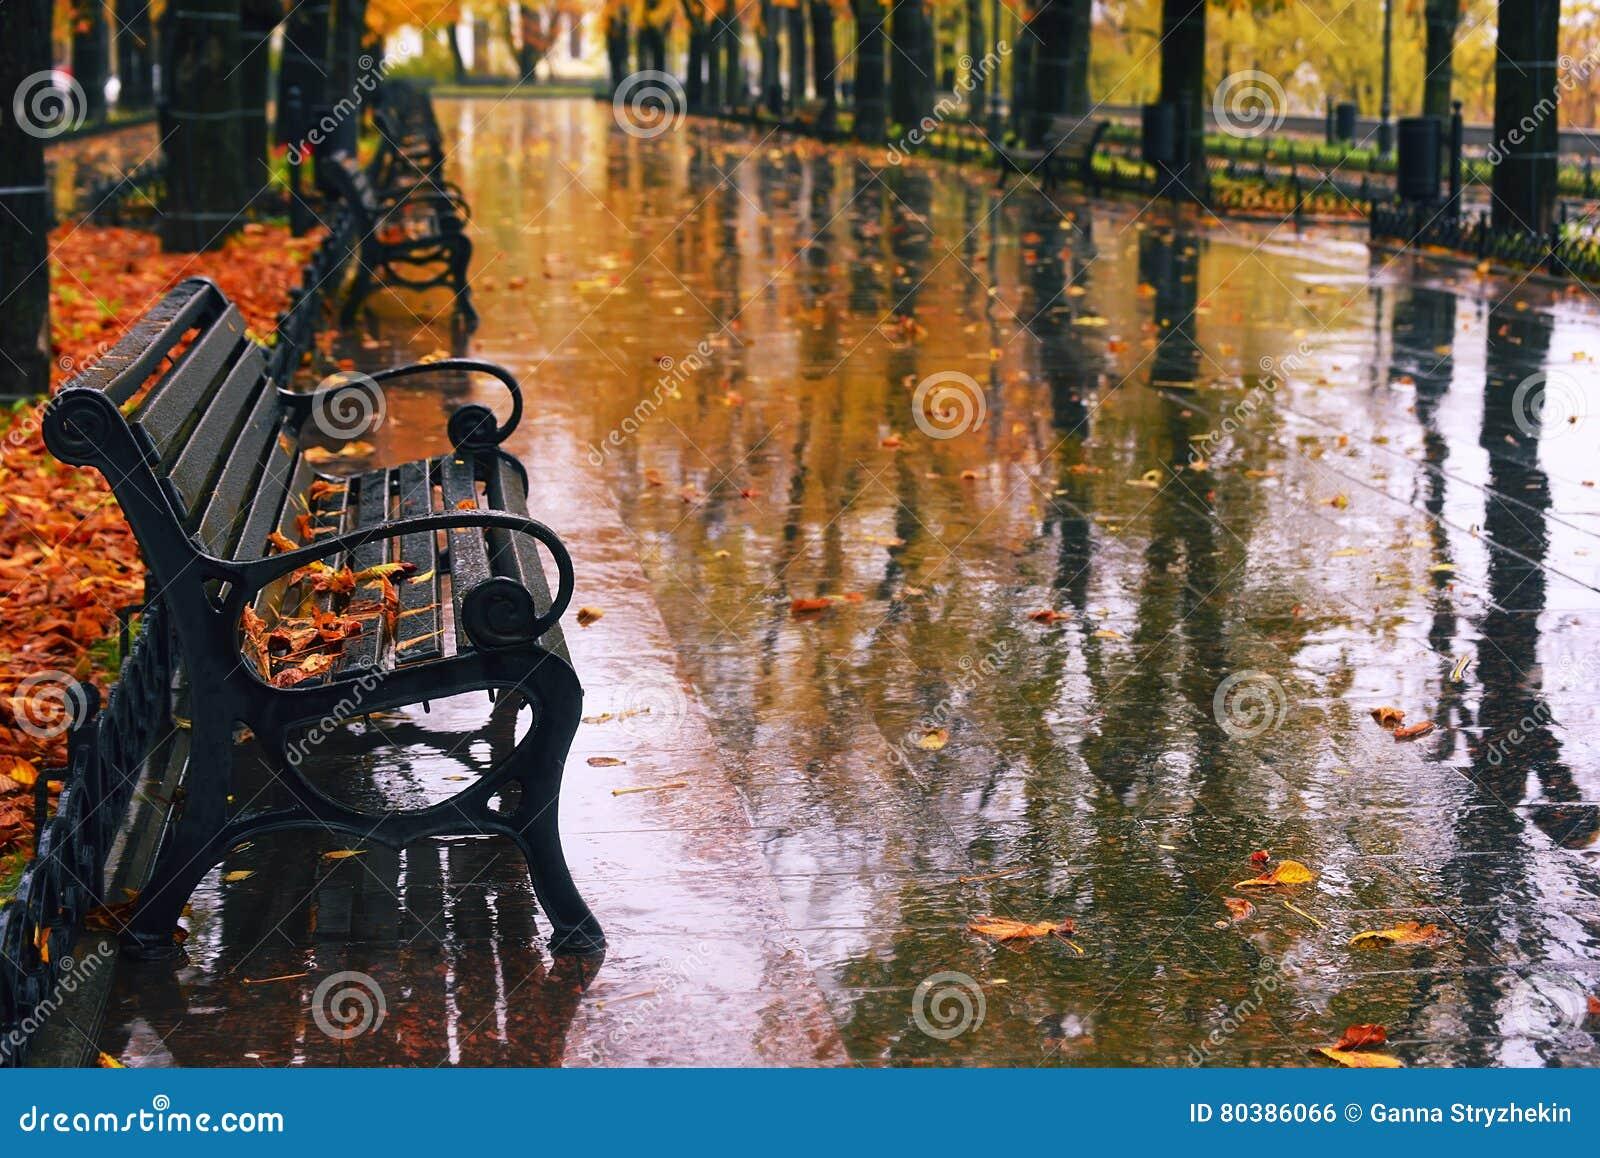 Boulevard d automne sous la pluie